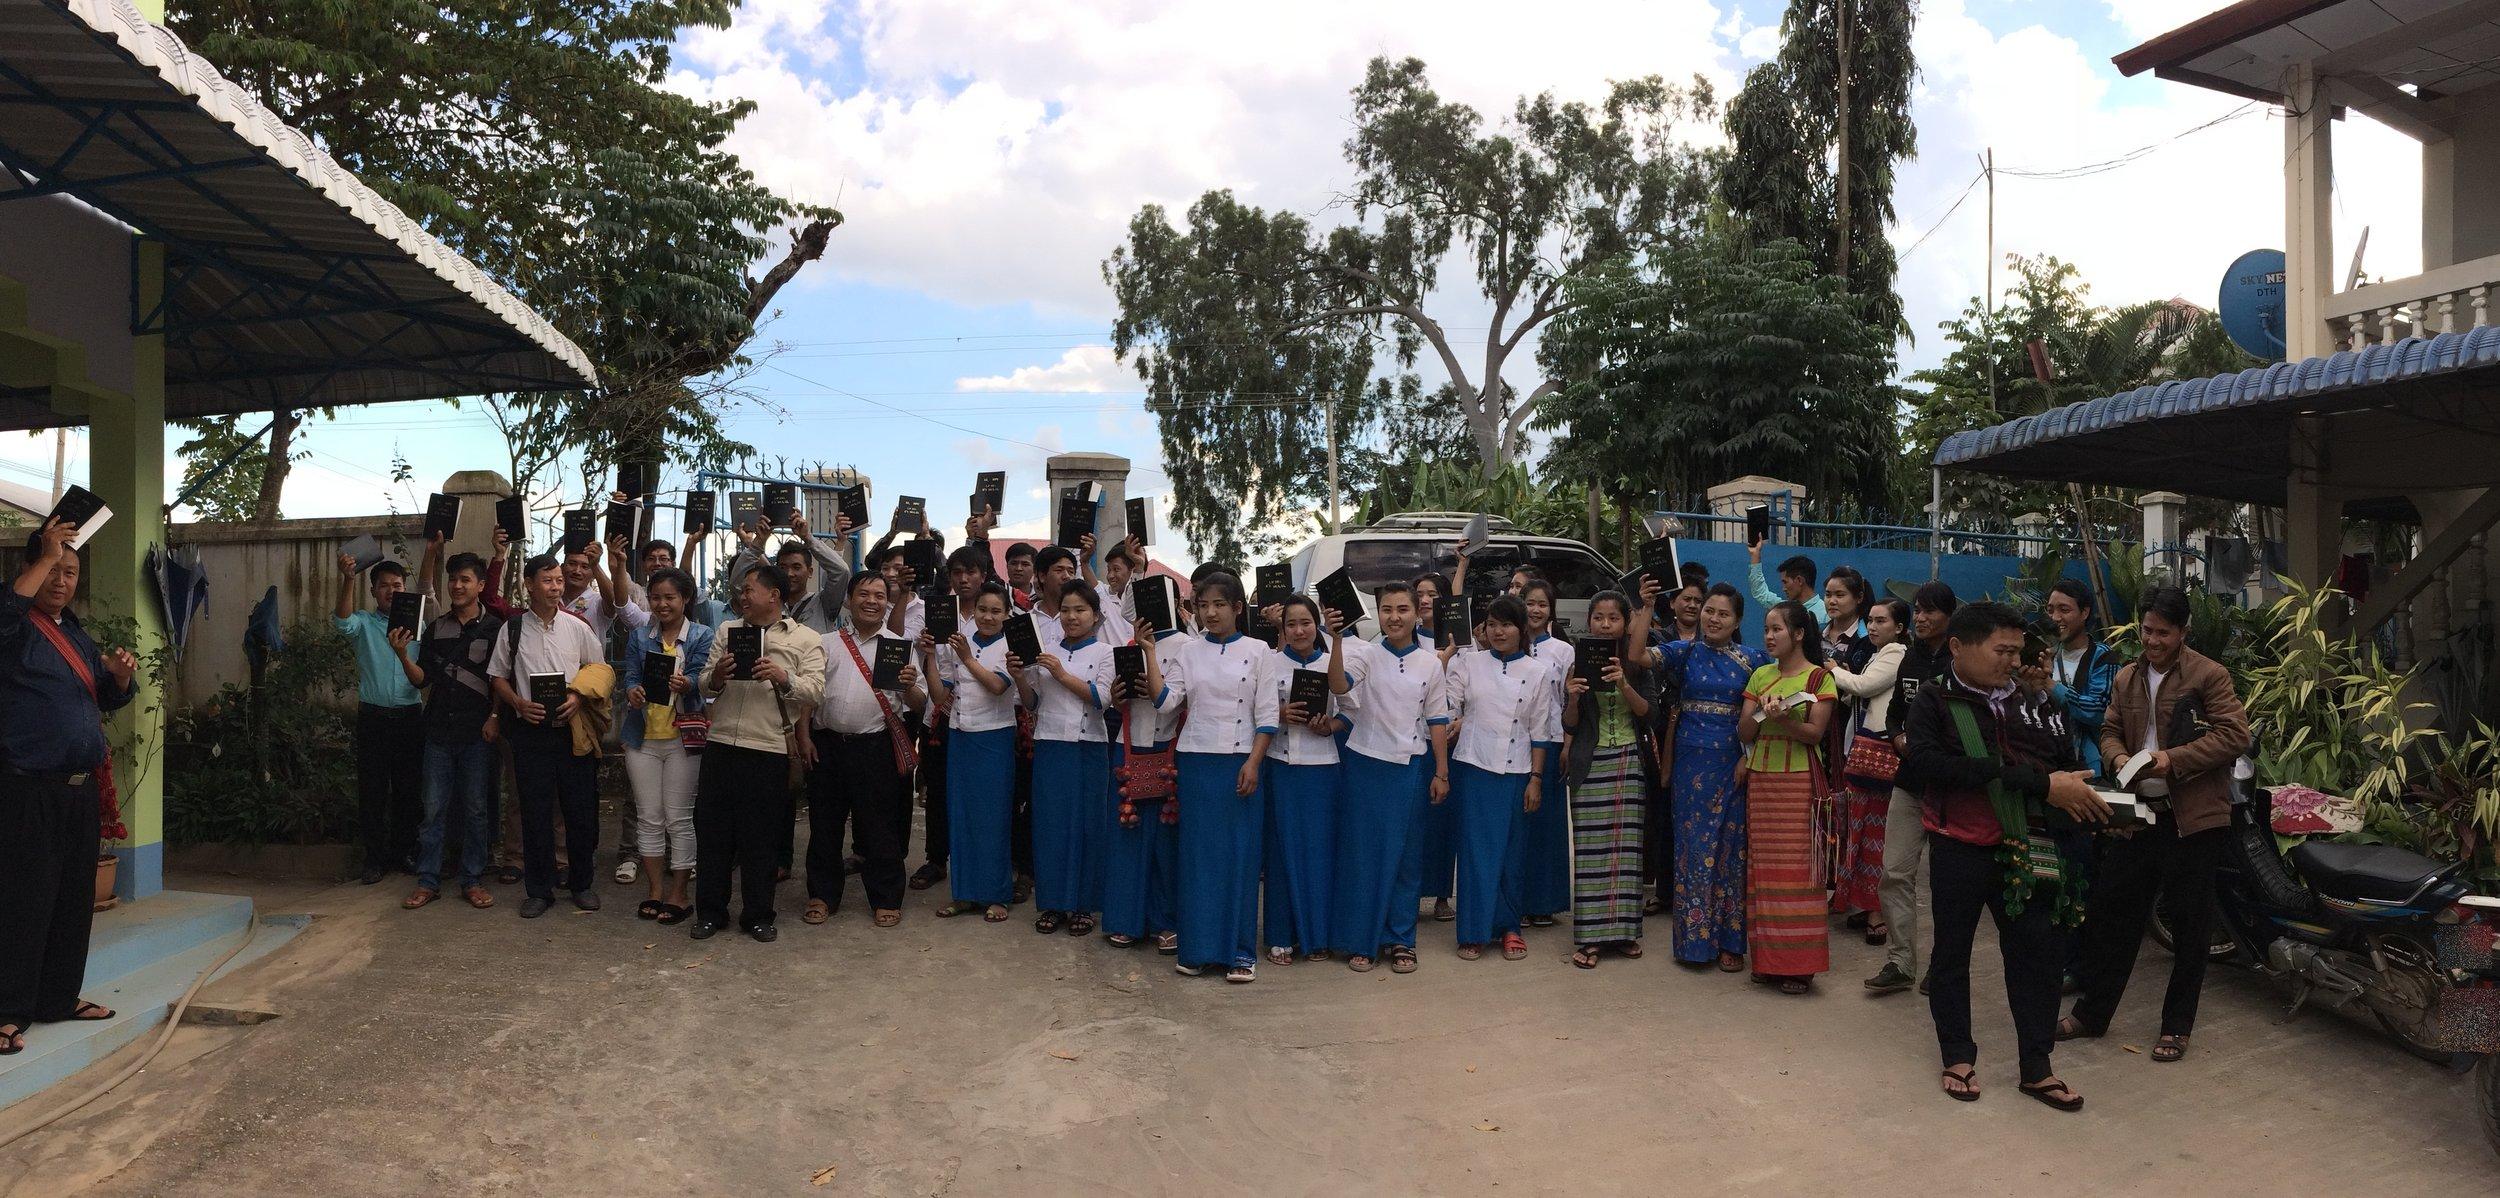 Photo: Lahu Christians receive thier Bibles.